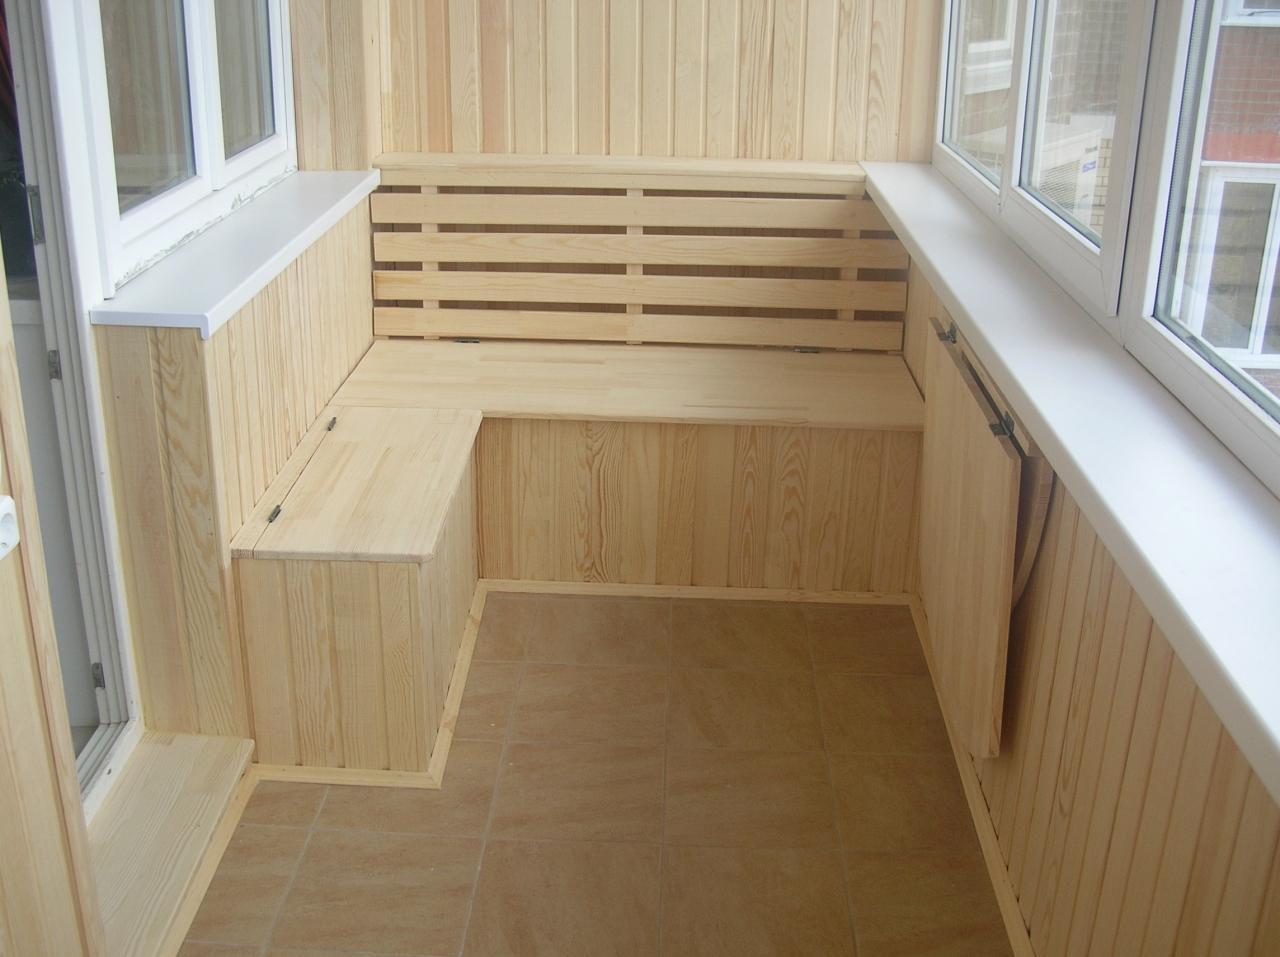 Какой утеплитель лучше выбирать для лоджий и балконов